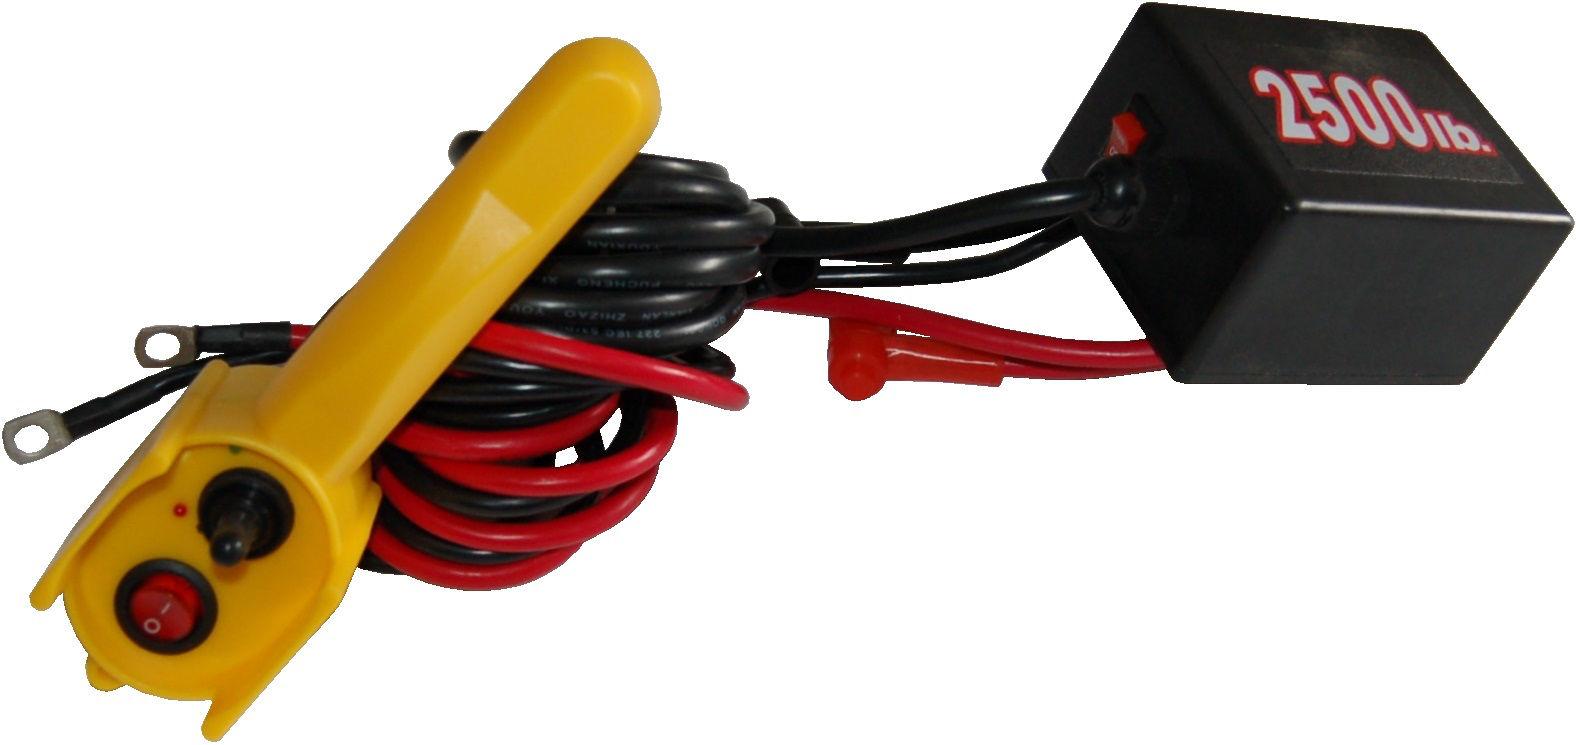 relais electrique et commande filaire de rechange pour treuil lectrique 12v r f rence dw2500. Black Bedroom Furniture Sets. Home Design Ideas